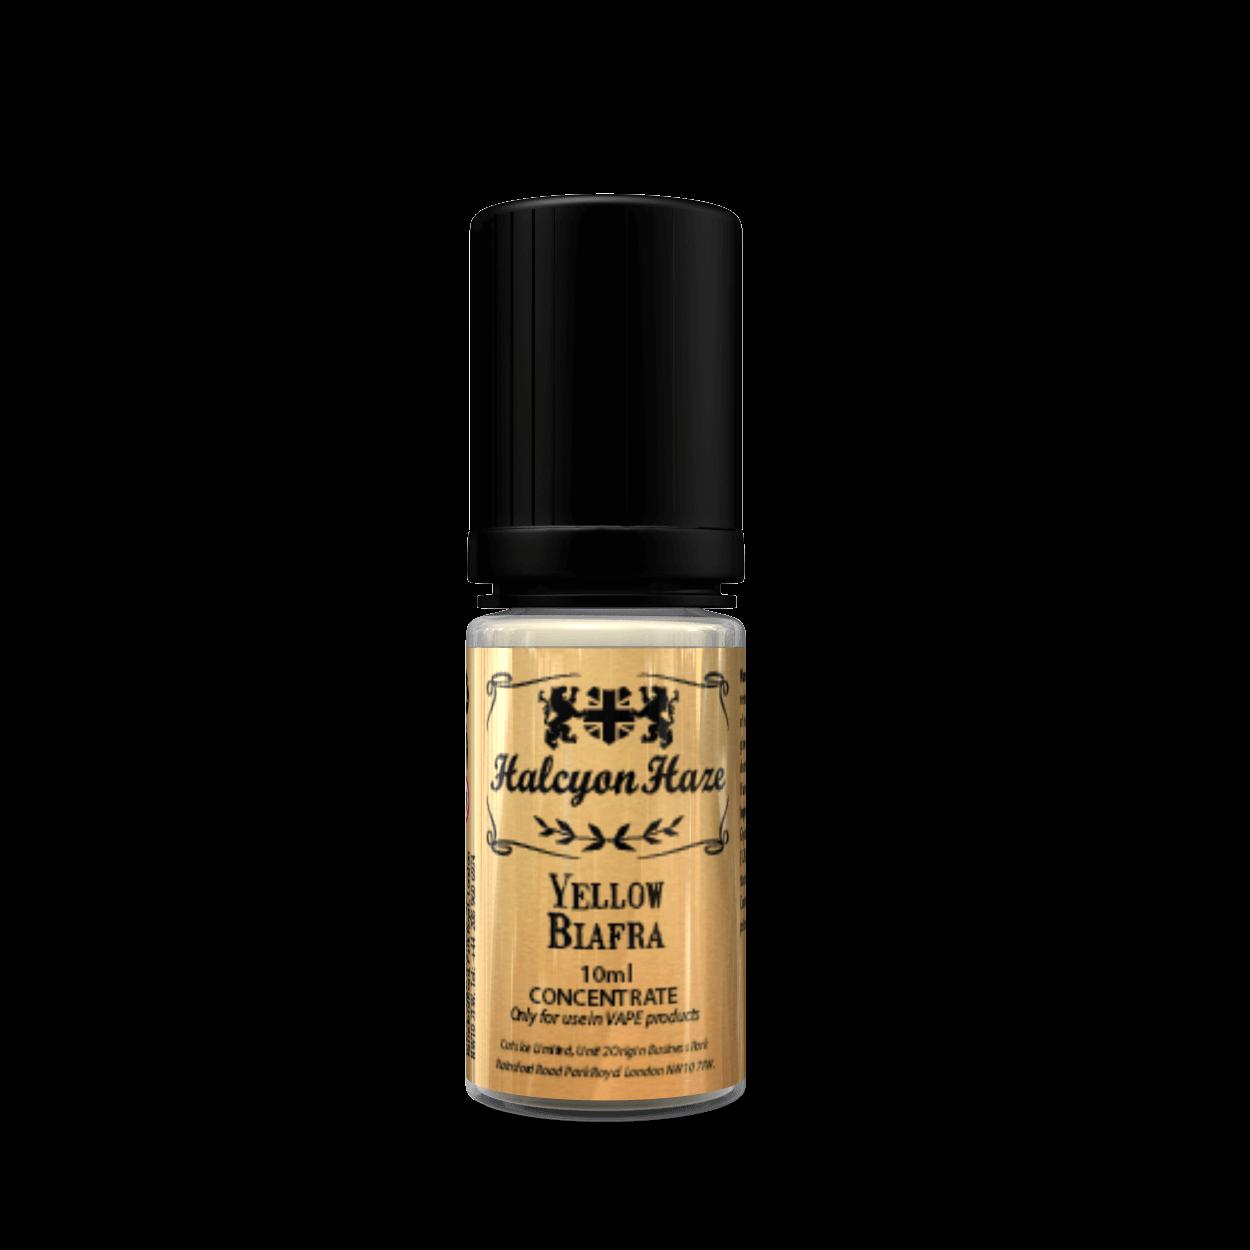 Halcyon Haze Yellow Biafra Aroma concentrato 10 ml al sapore di banana matura, sciroppo d'oro, mandorle tostate, vaniglia e zucchero filato.